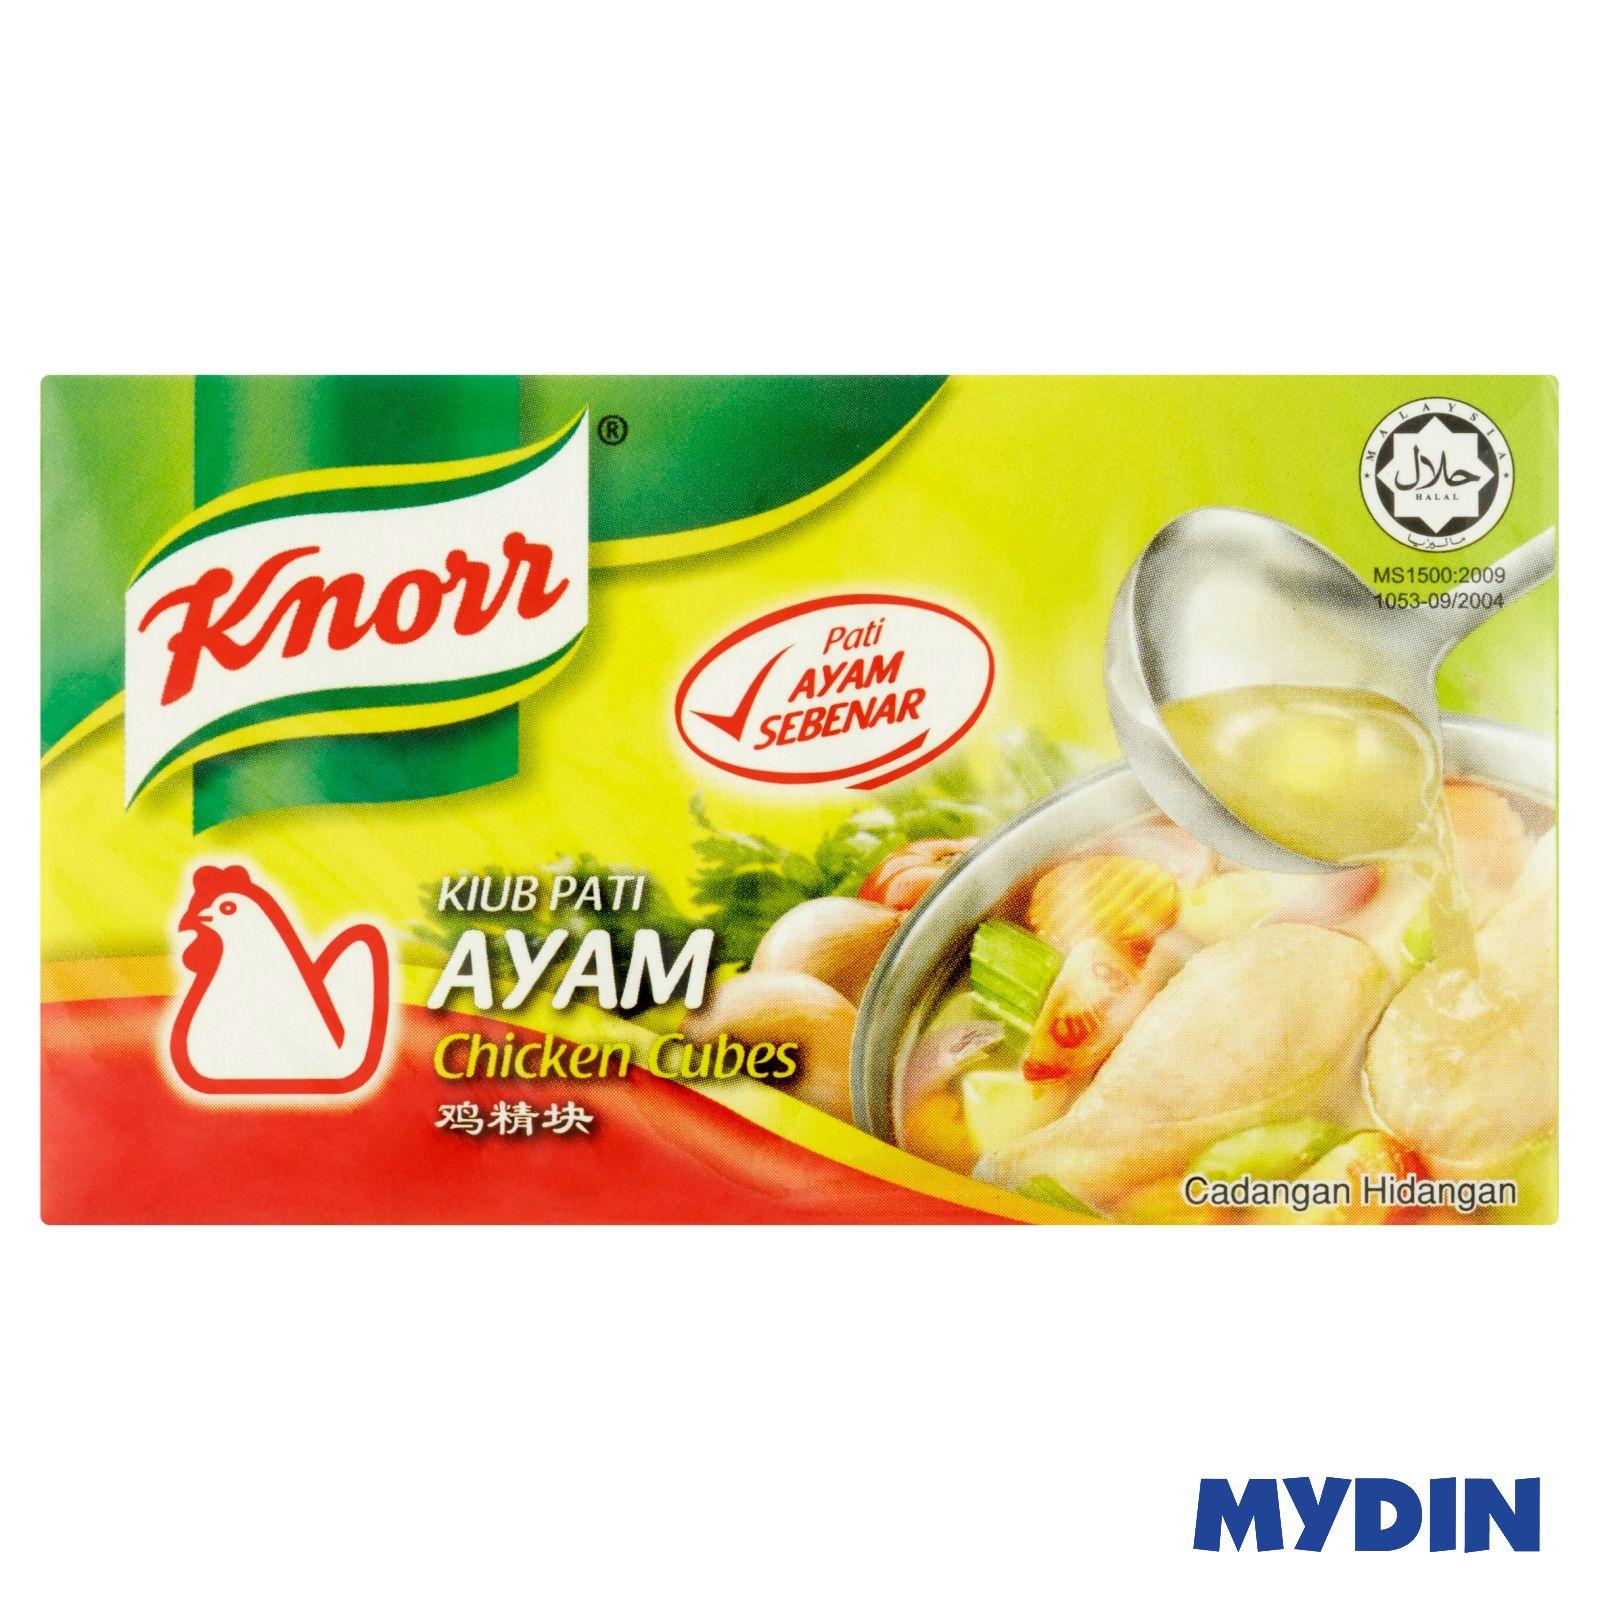 Knorr Chicken Cubes 20g